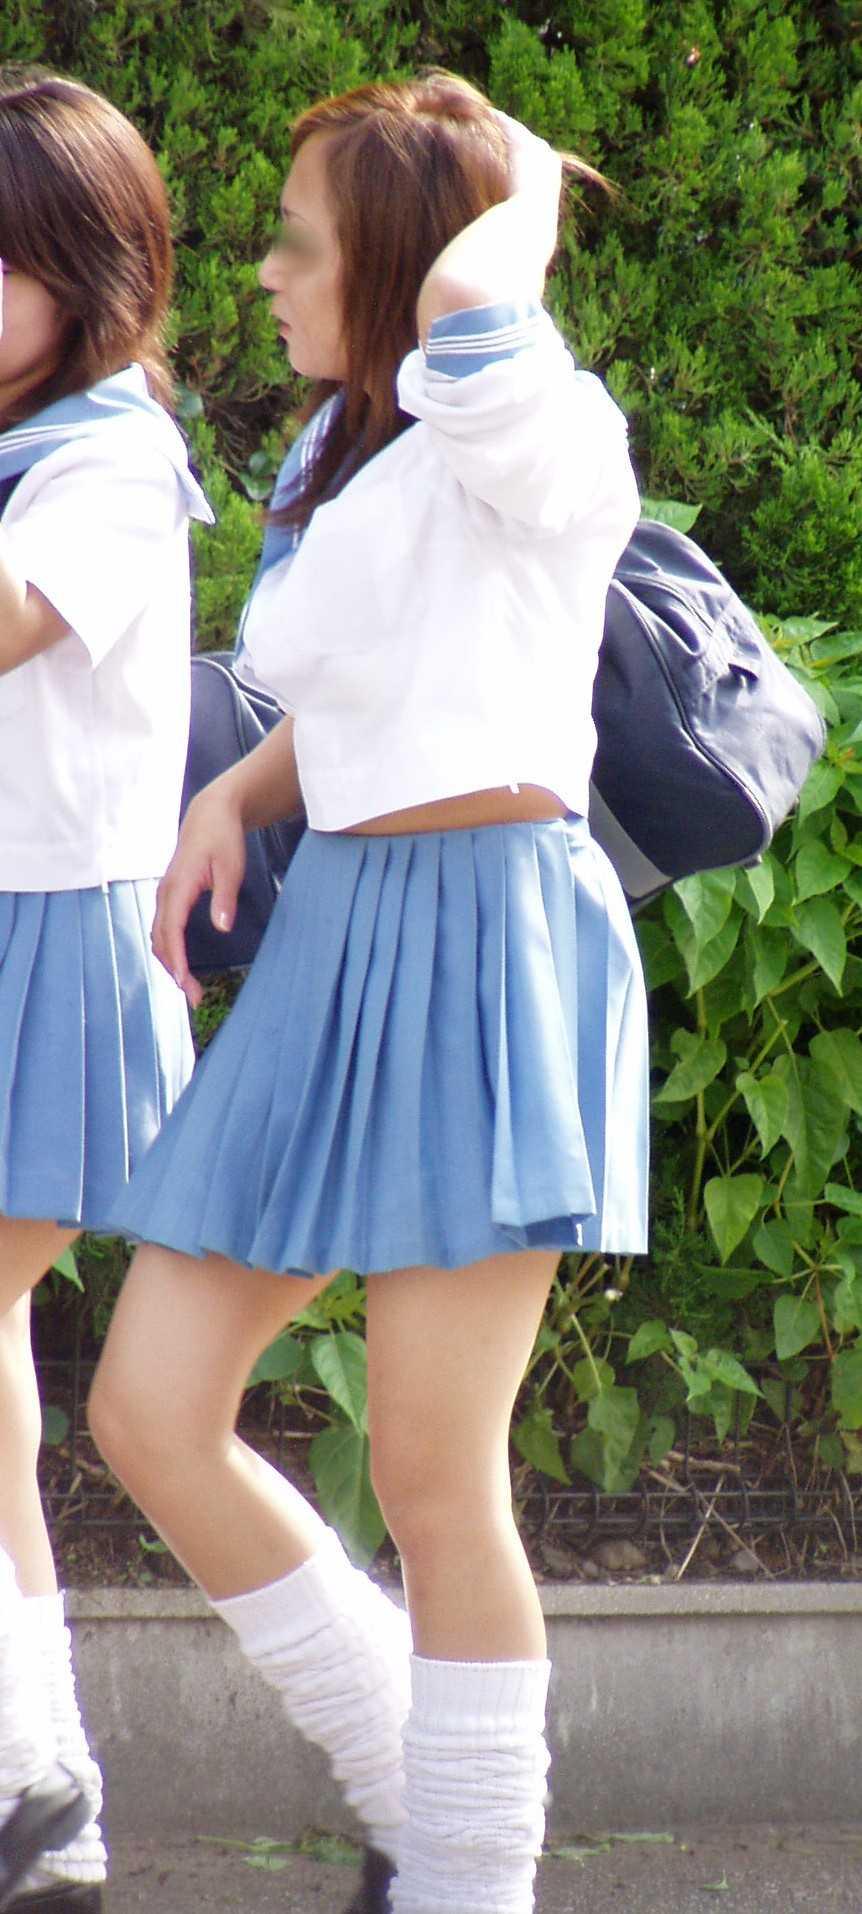 【JK画像】セーラー服でしか味わえない、JK達の背チラ&腹チラ&脇腹チラ画像 02